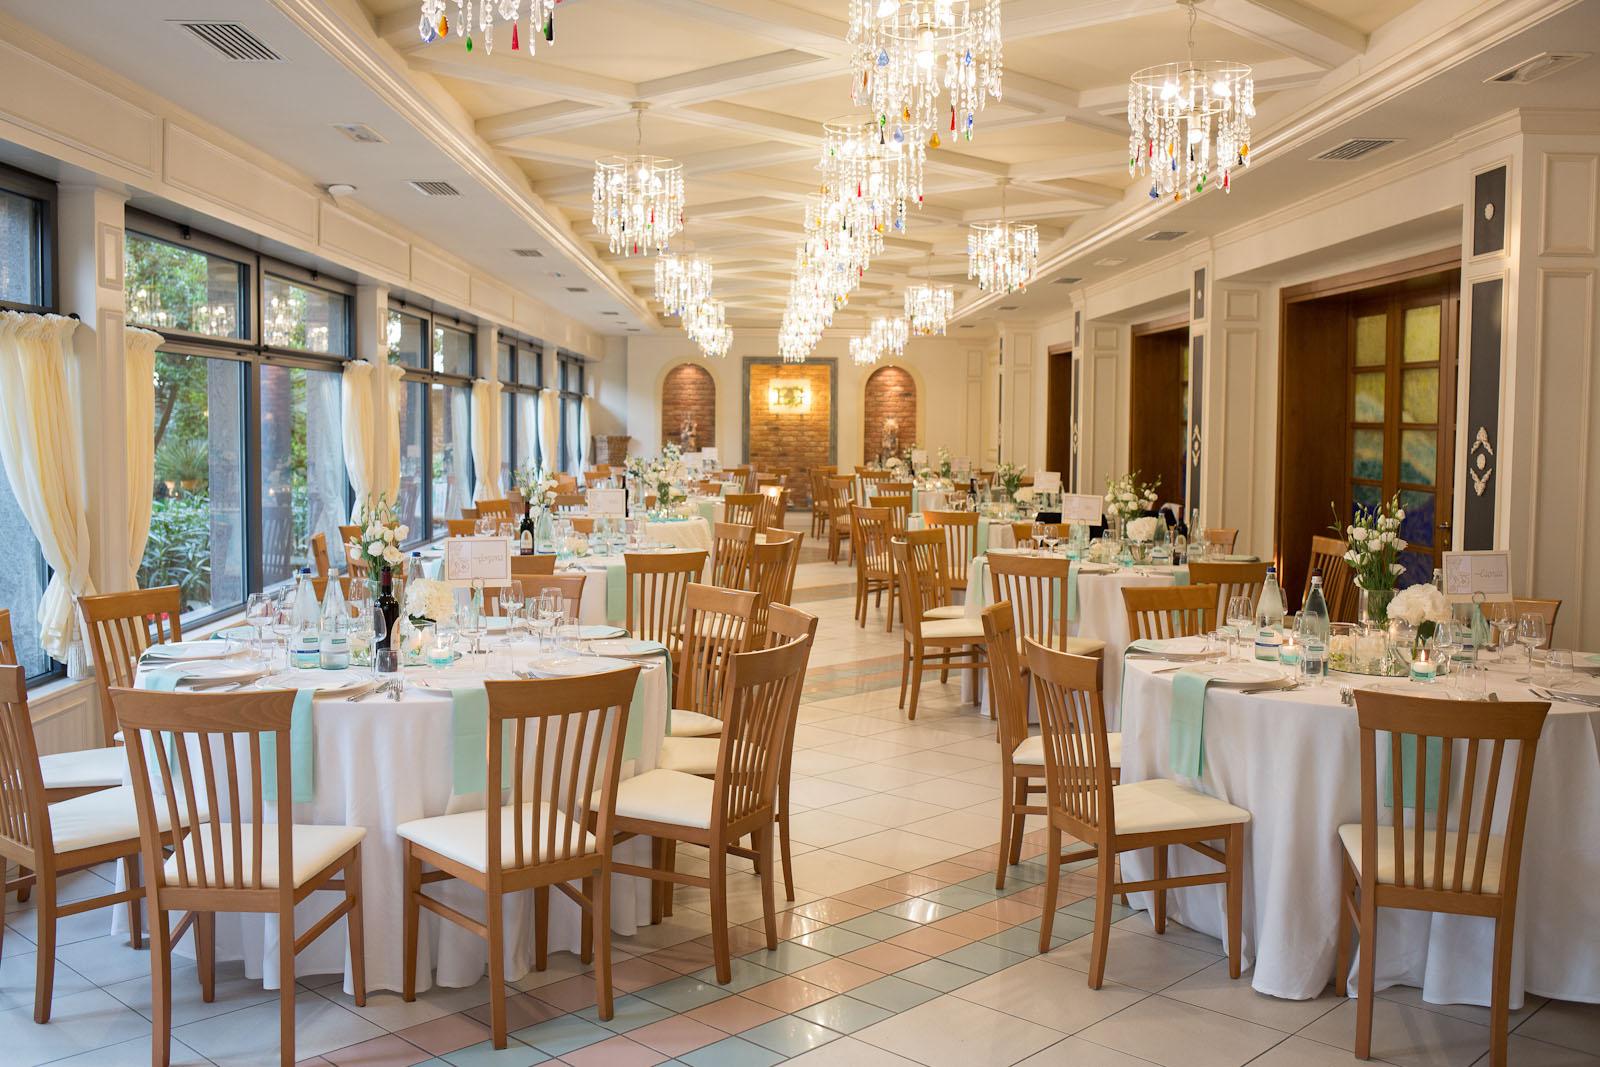 Matrimonio Spiaggia Toscana : Sposarsi in toscana sul mare hotel i ginepri